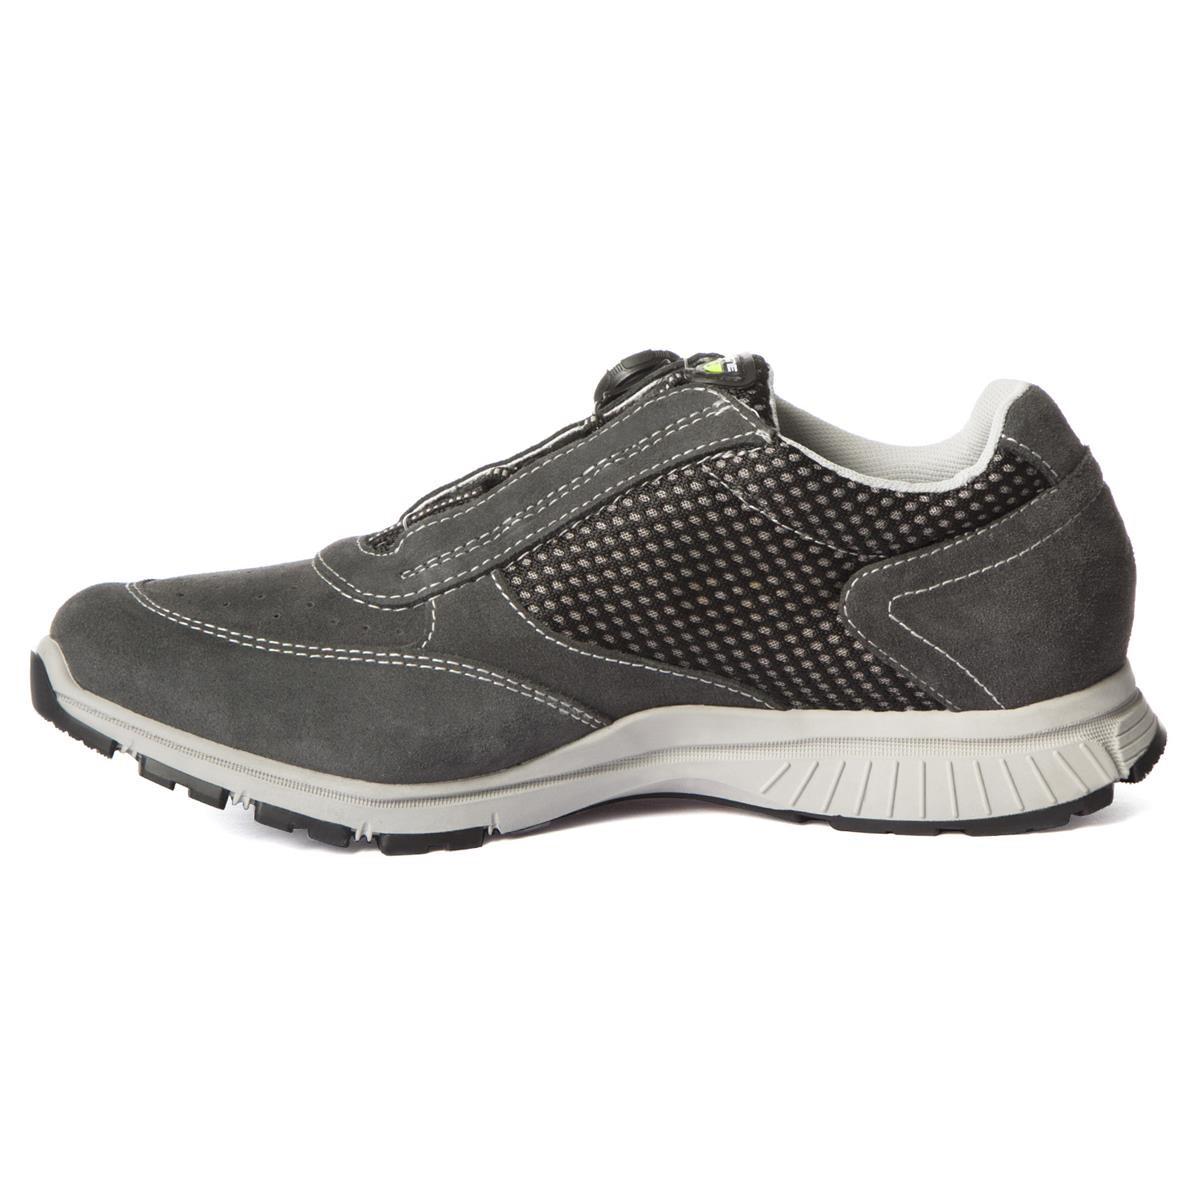 Gaerne-Schuhe-G-Podium-Grau